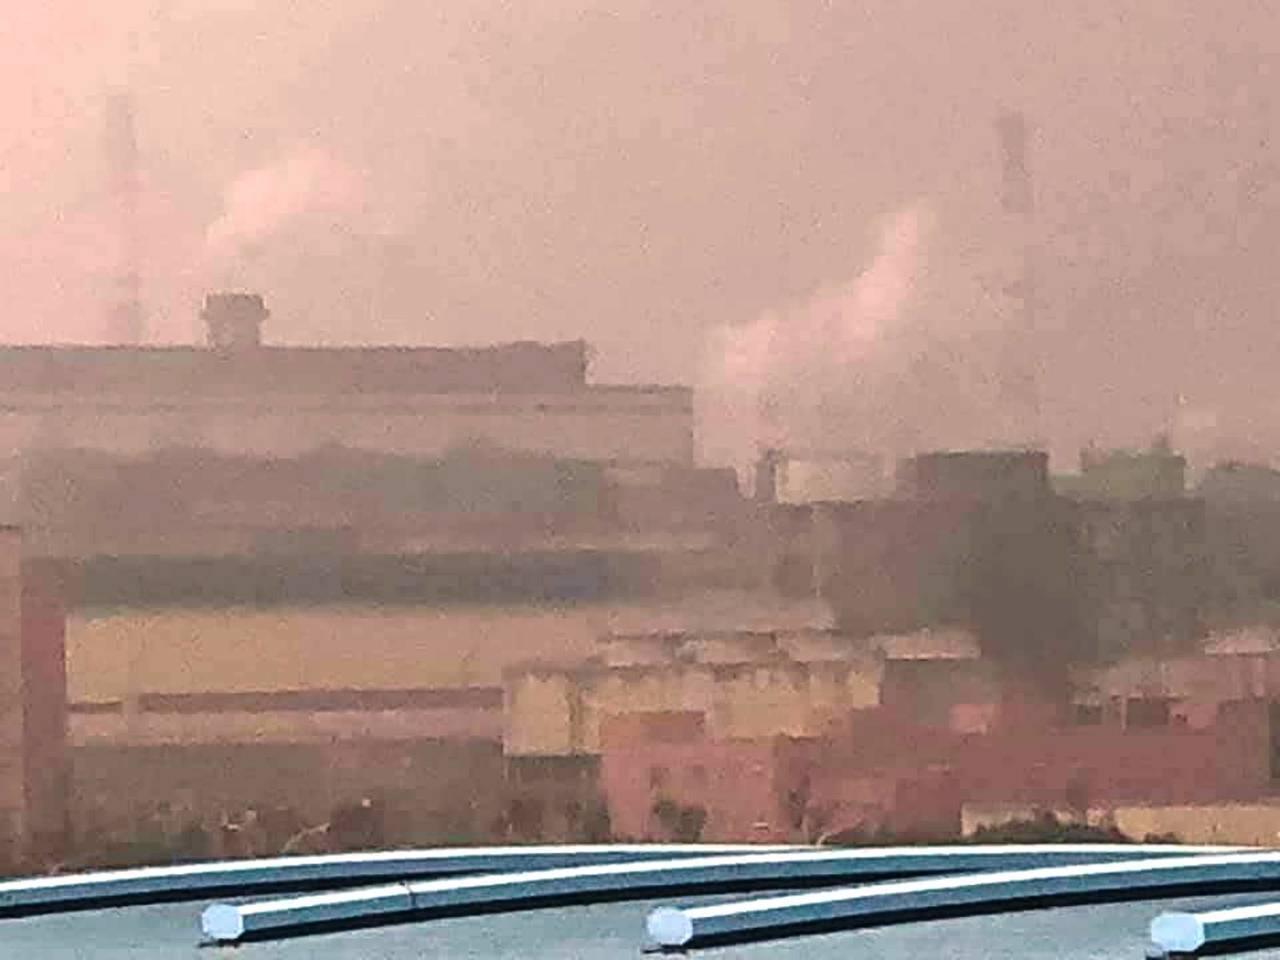 台中港區上午天空灰濛濛,網友臉書貼文貼圖顯示空污的出處,不少網友也踴躍留言。圖/...